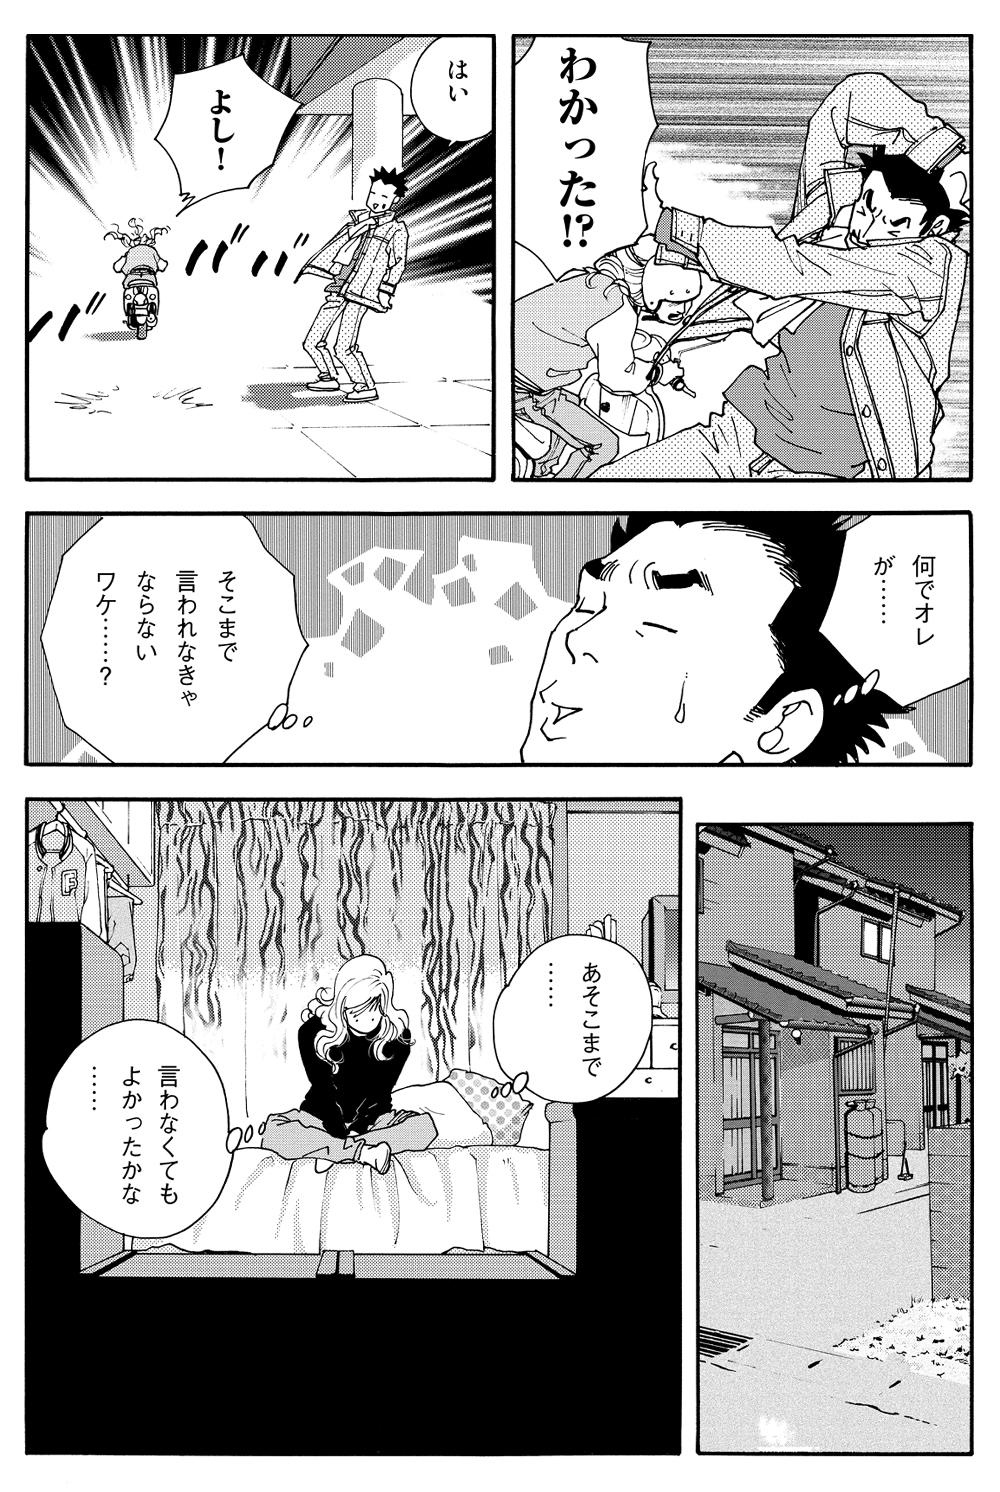 ヘルプマン!! 第4話「介護詐欺」helpman04-07.jpg